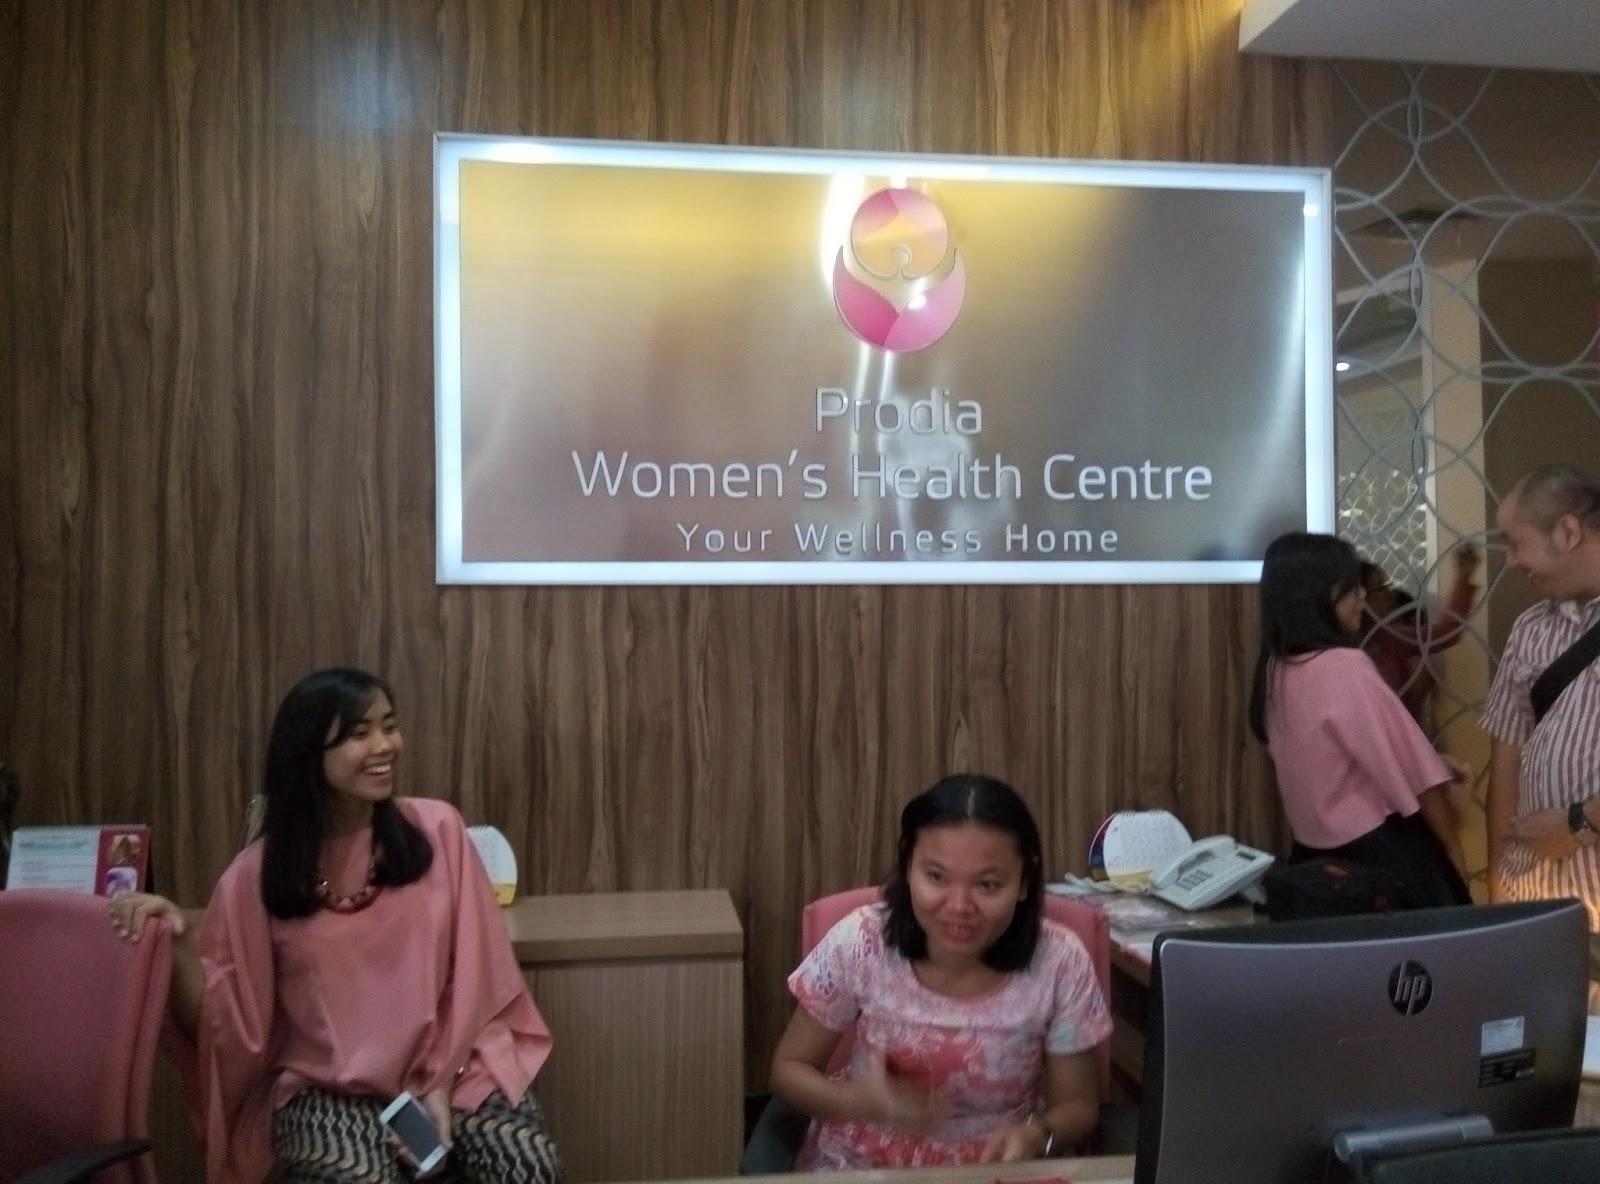 Tarian Penaku Prodia Womens Health Centre Pusat Kesehatan Perempuan Medical Check Up Wanita Sehat Lengkap Nuansa Pink Yang Cantik